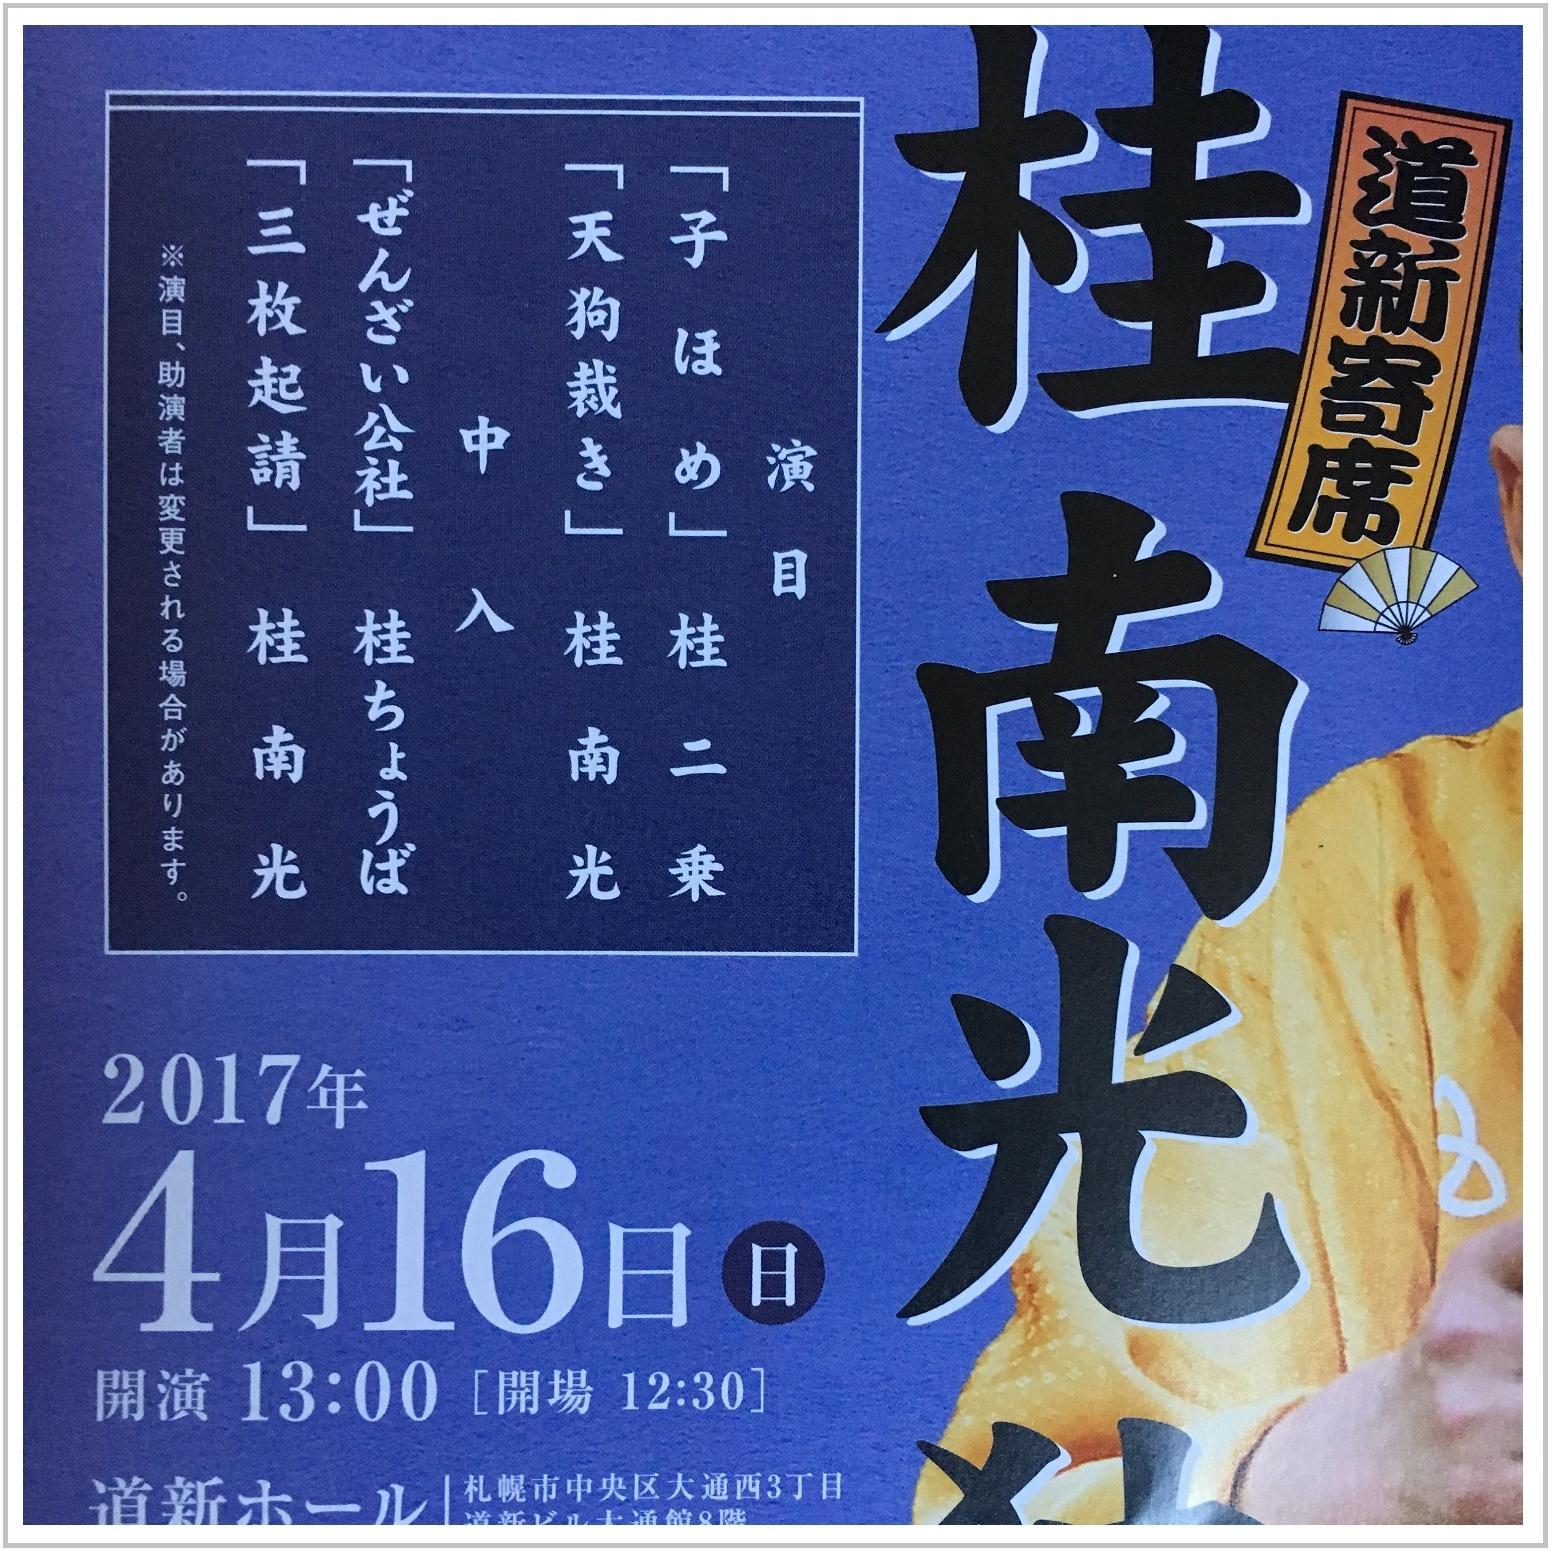 nanko_1_416.jpg